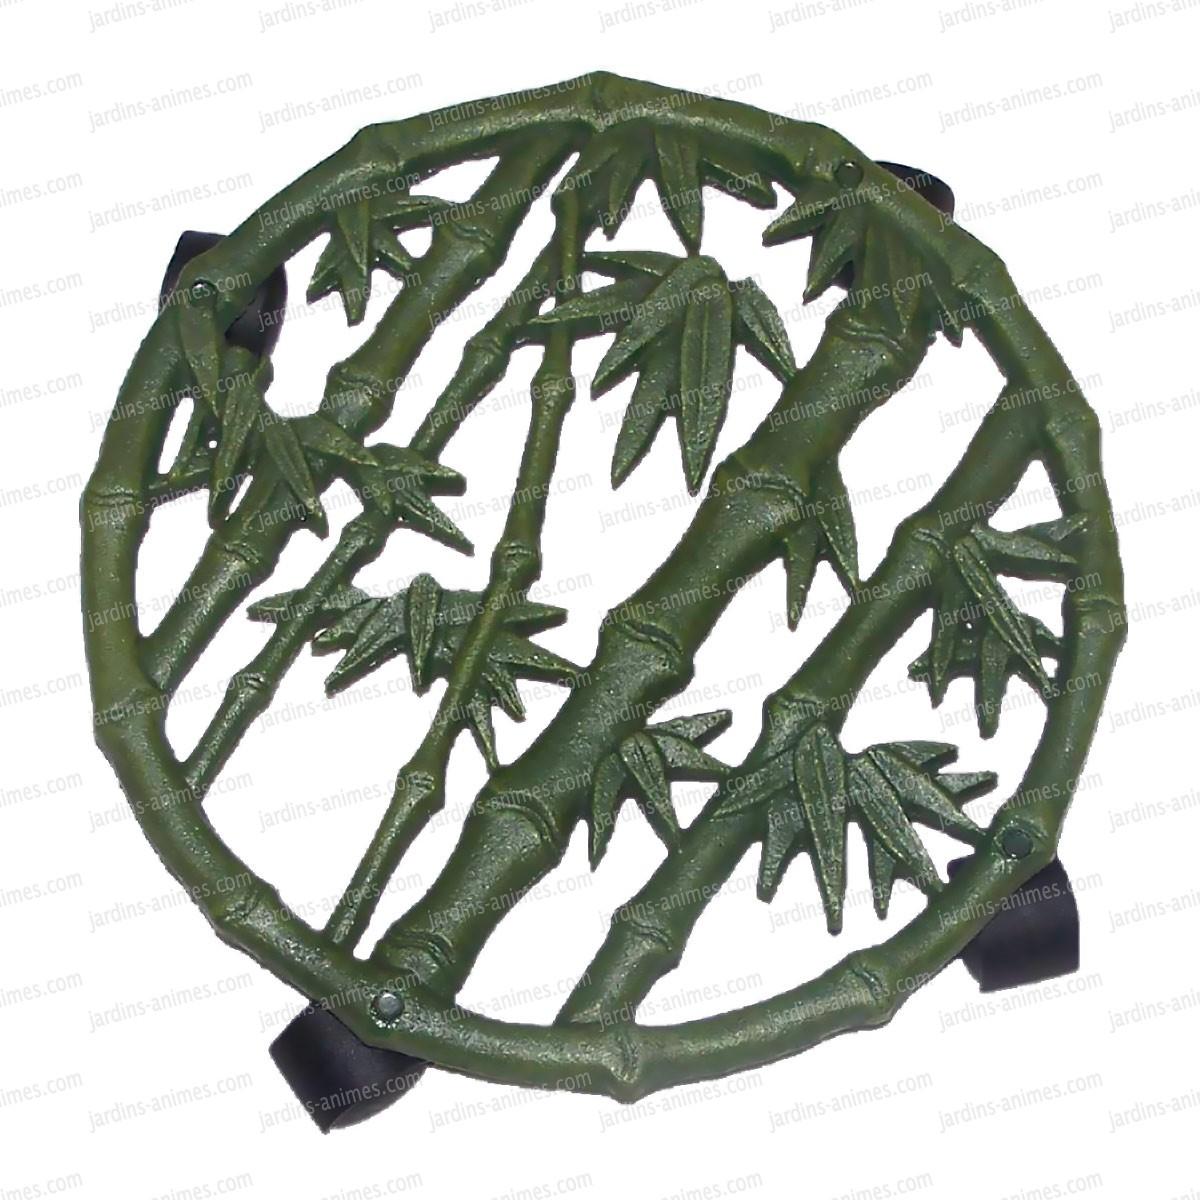 Porte plante roulettes bambou sac baquet seau chariot - Support a roulettes pour plantes ...